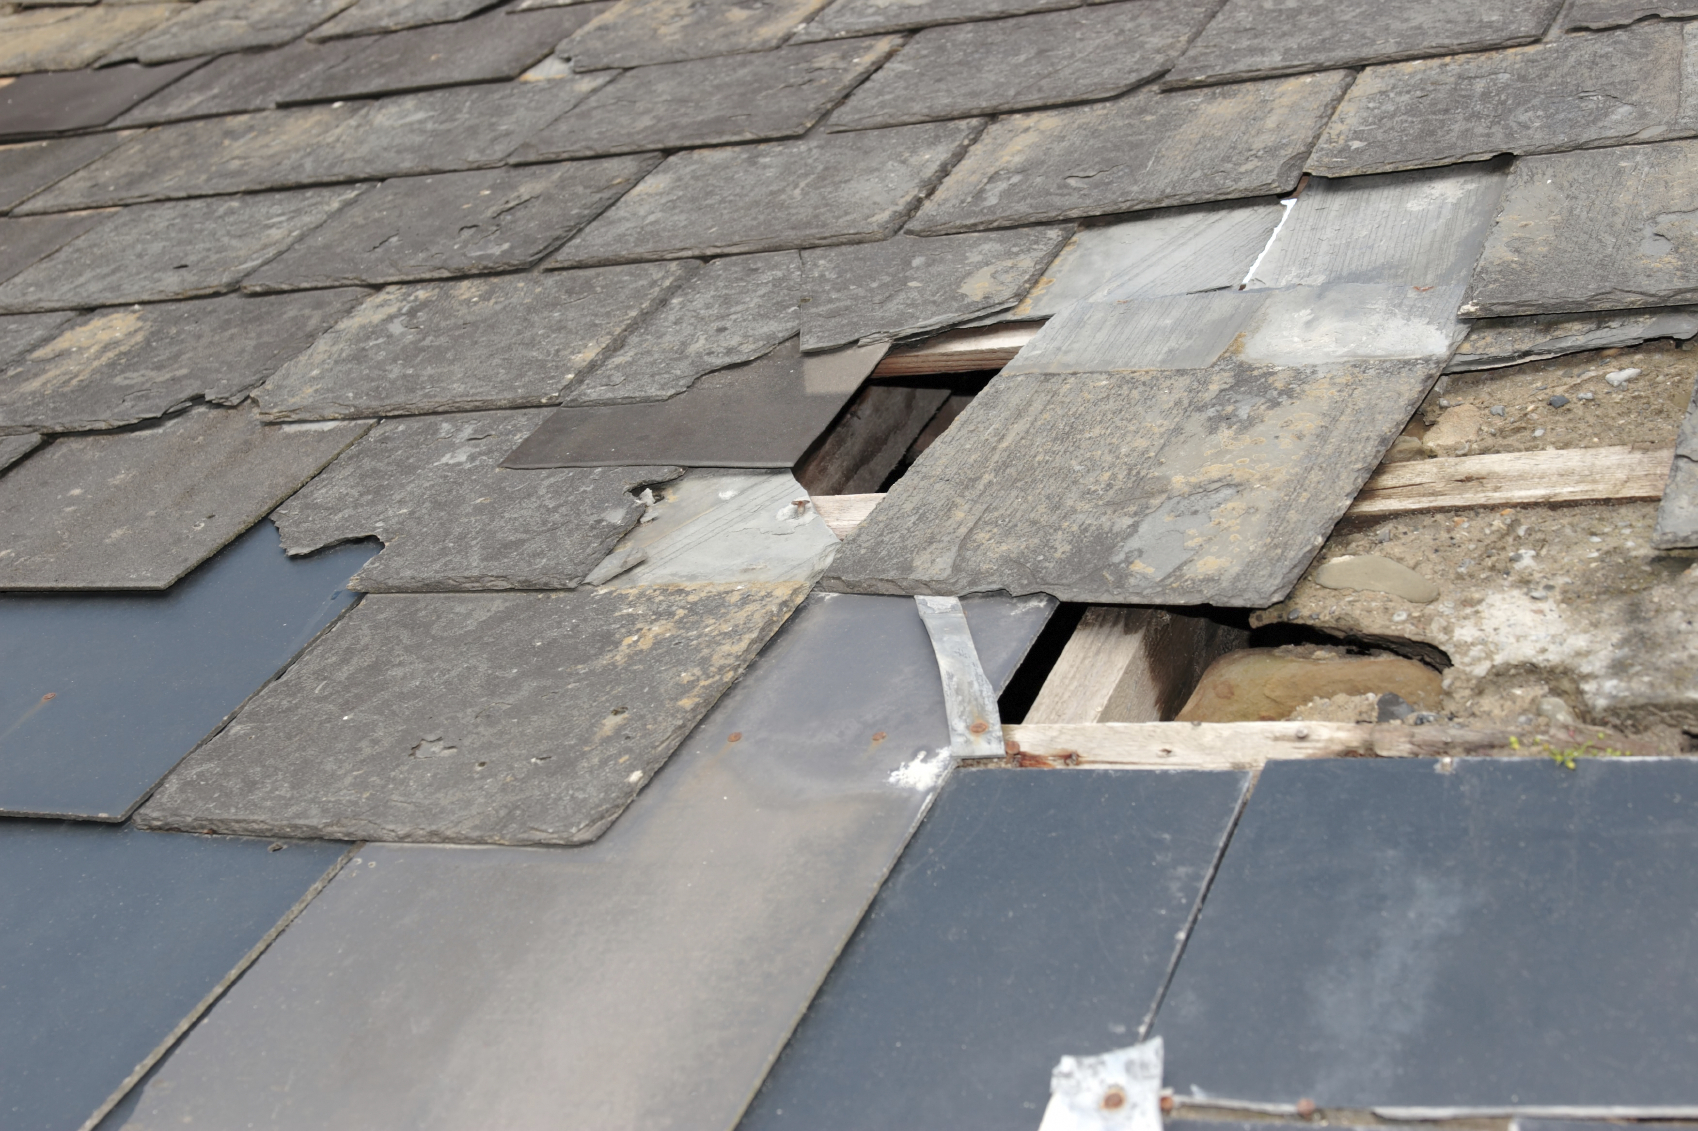 Hilfe Bei Der Dachreparatur Schnell Handeln 187 11880